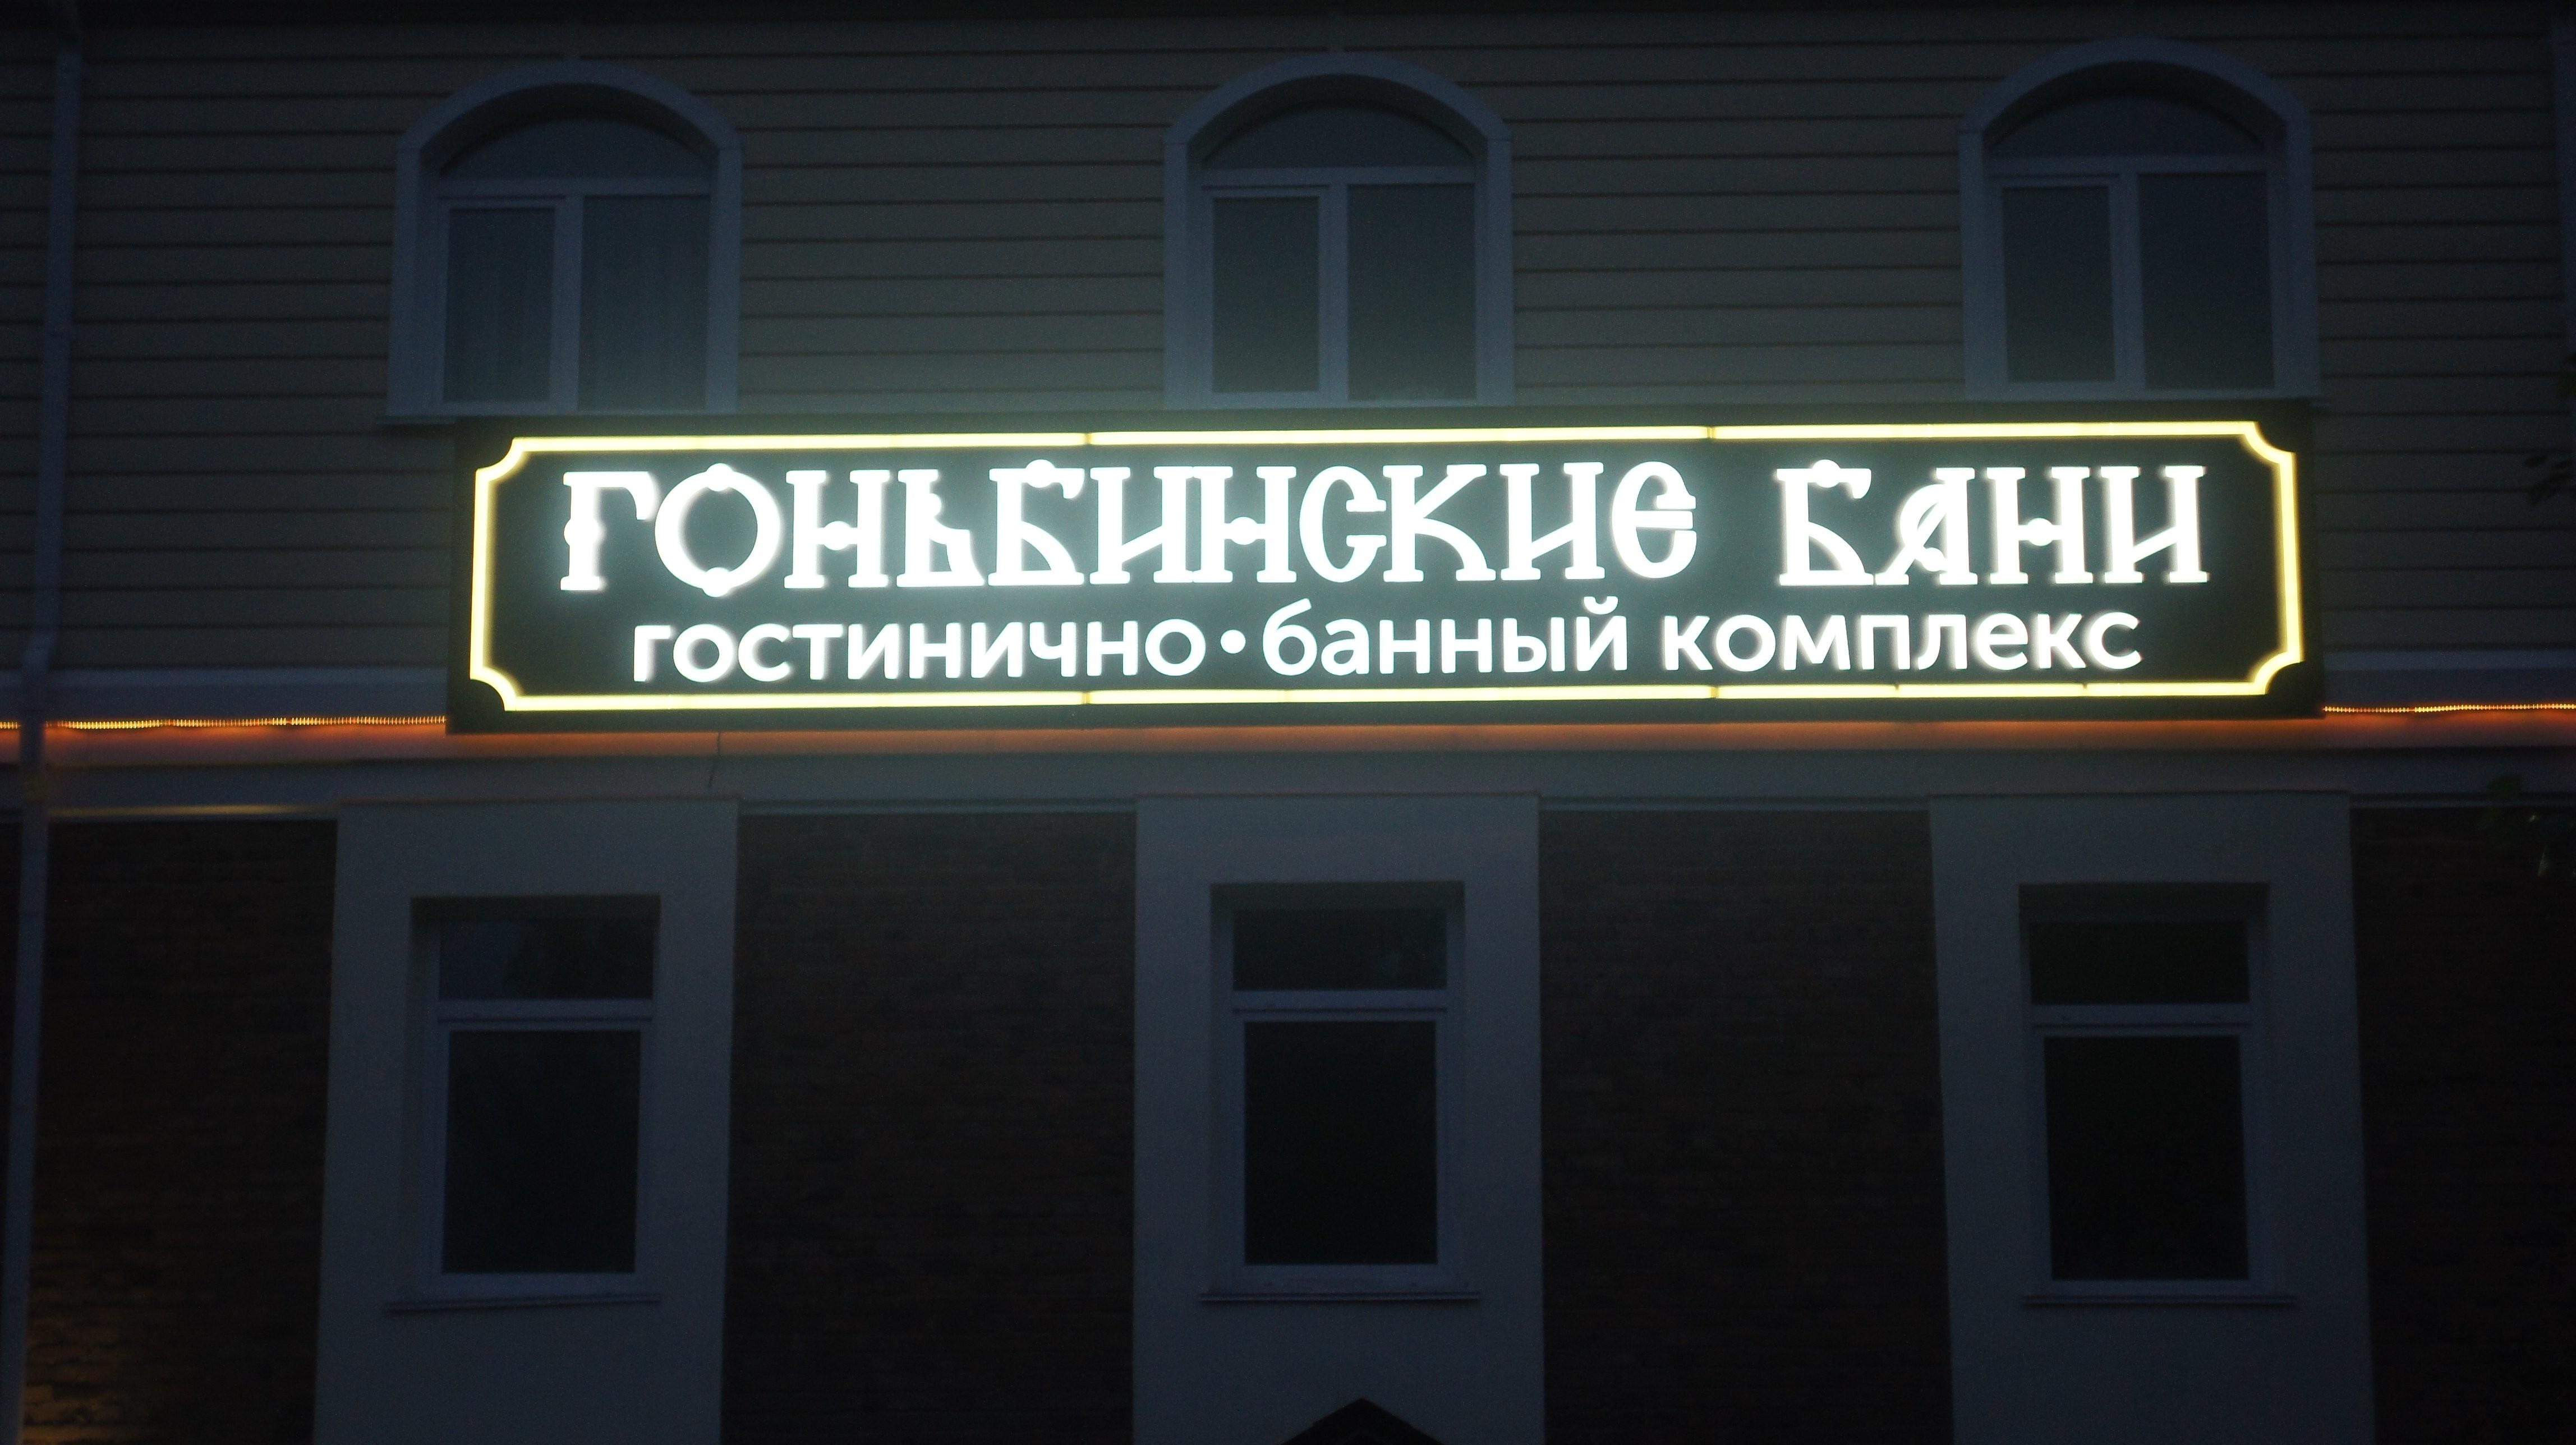 Гоньбинские бани, гостинично-банный комплекс - №22